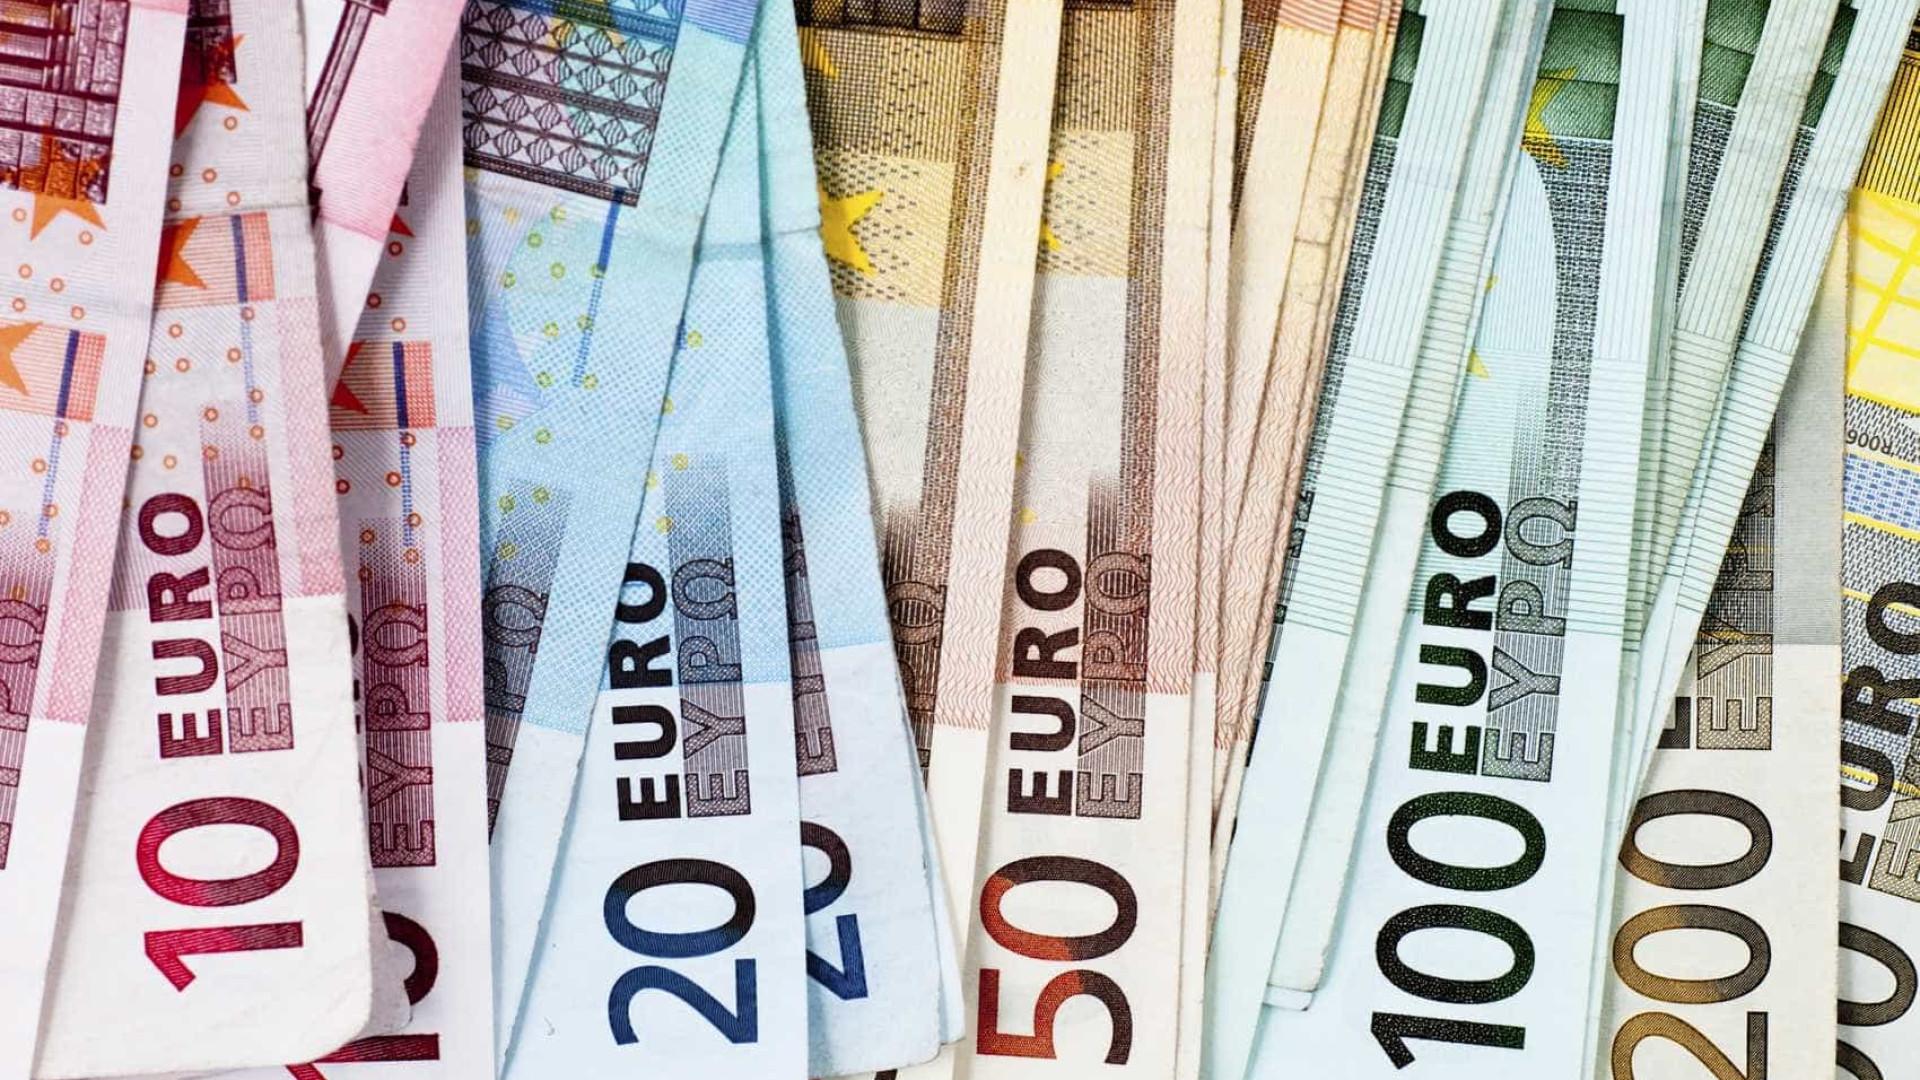 Governo cria linha de crédito para estruturas apoiadas pela DGArtes